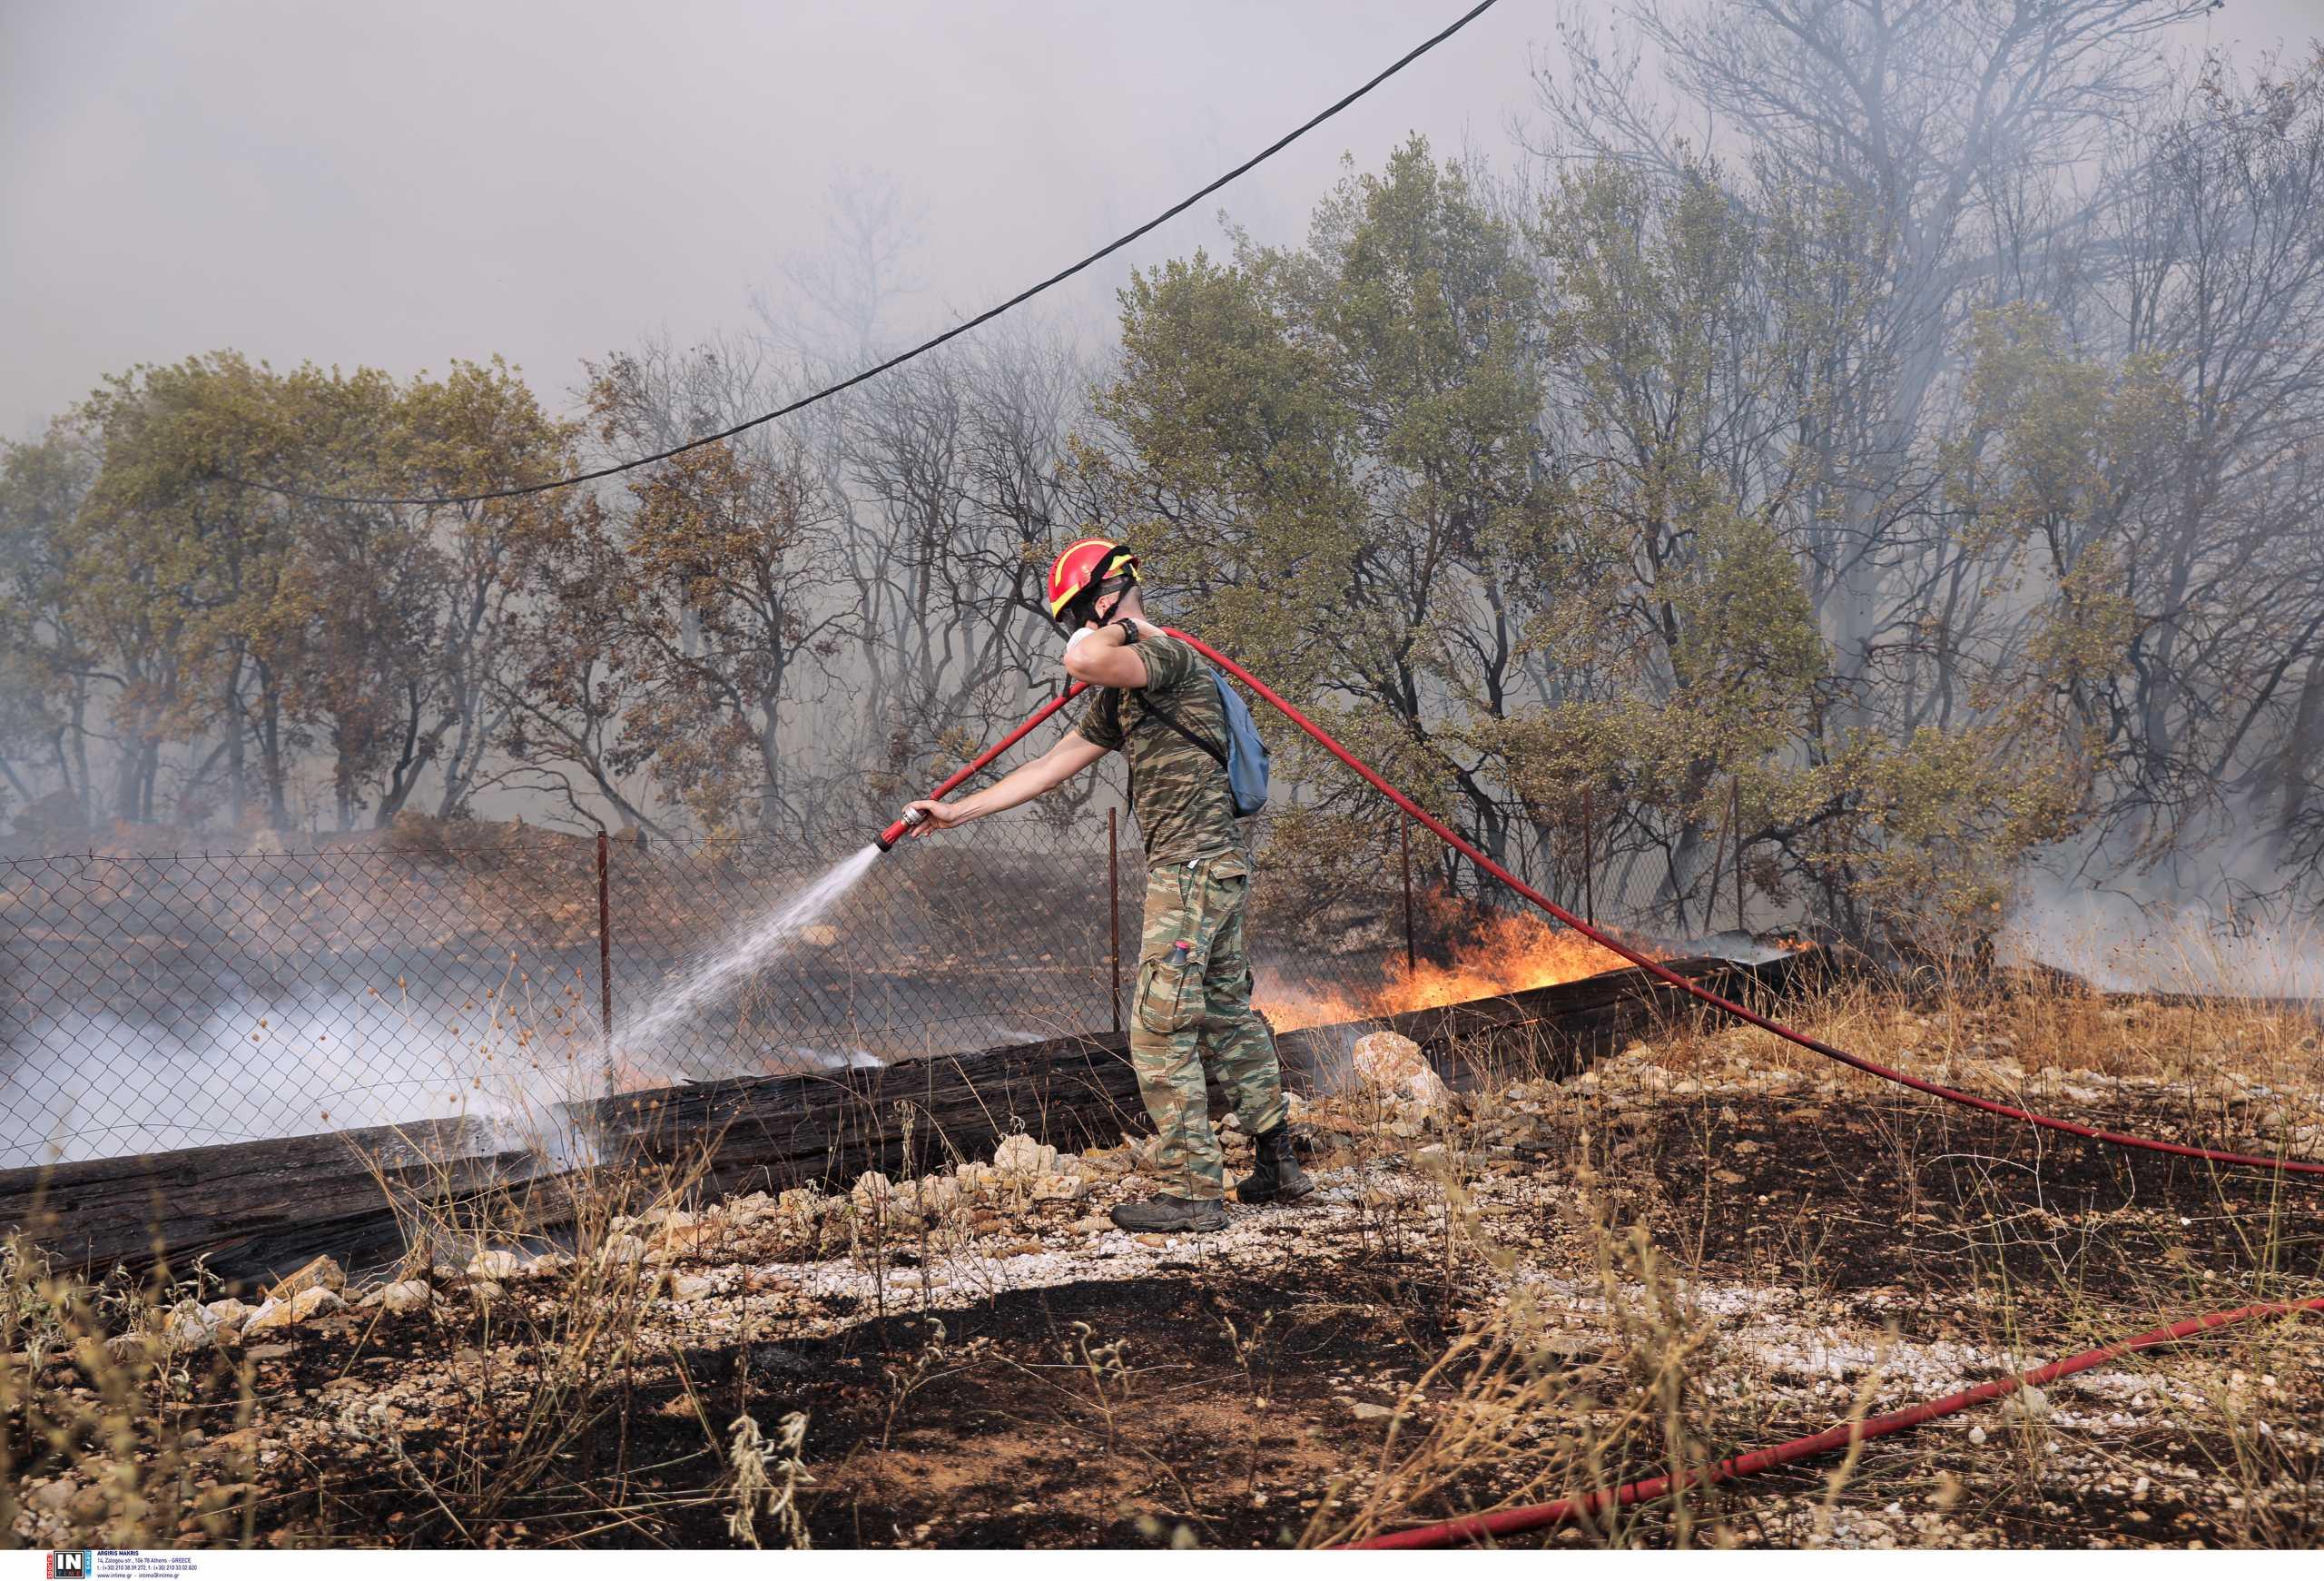 Ξάνθη: Υπό έλεγχο η φωτιά στο Ωραίο – Έγκαιρη η επέμβαση των πυροσβεστικών δυνάμεων